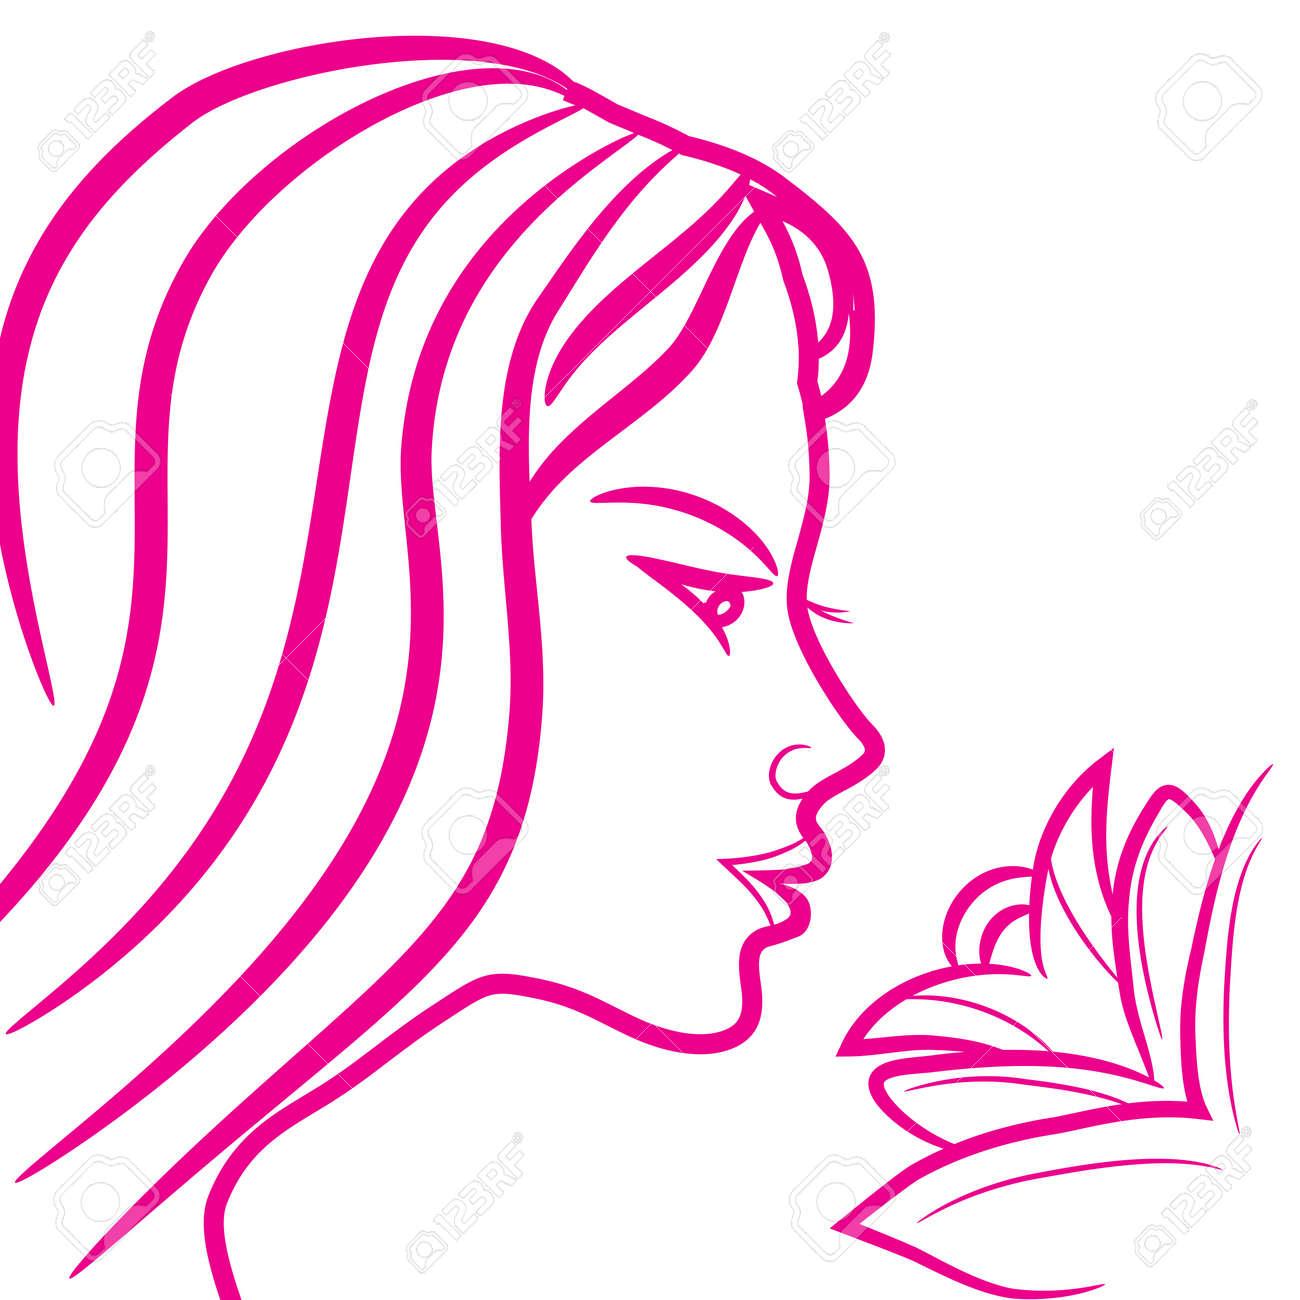 Logo Signe Astrologique Vierge Croquis Icone De Style Femme Fille